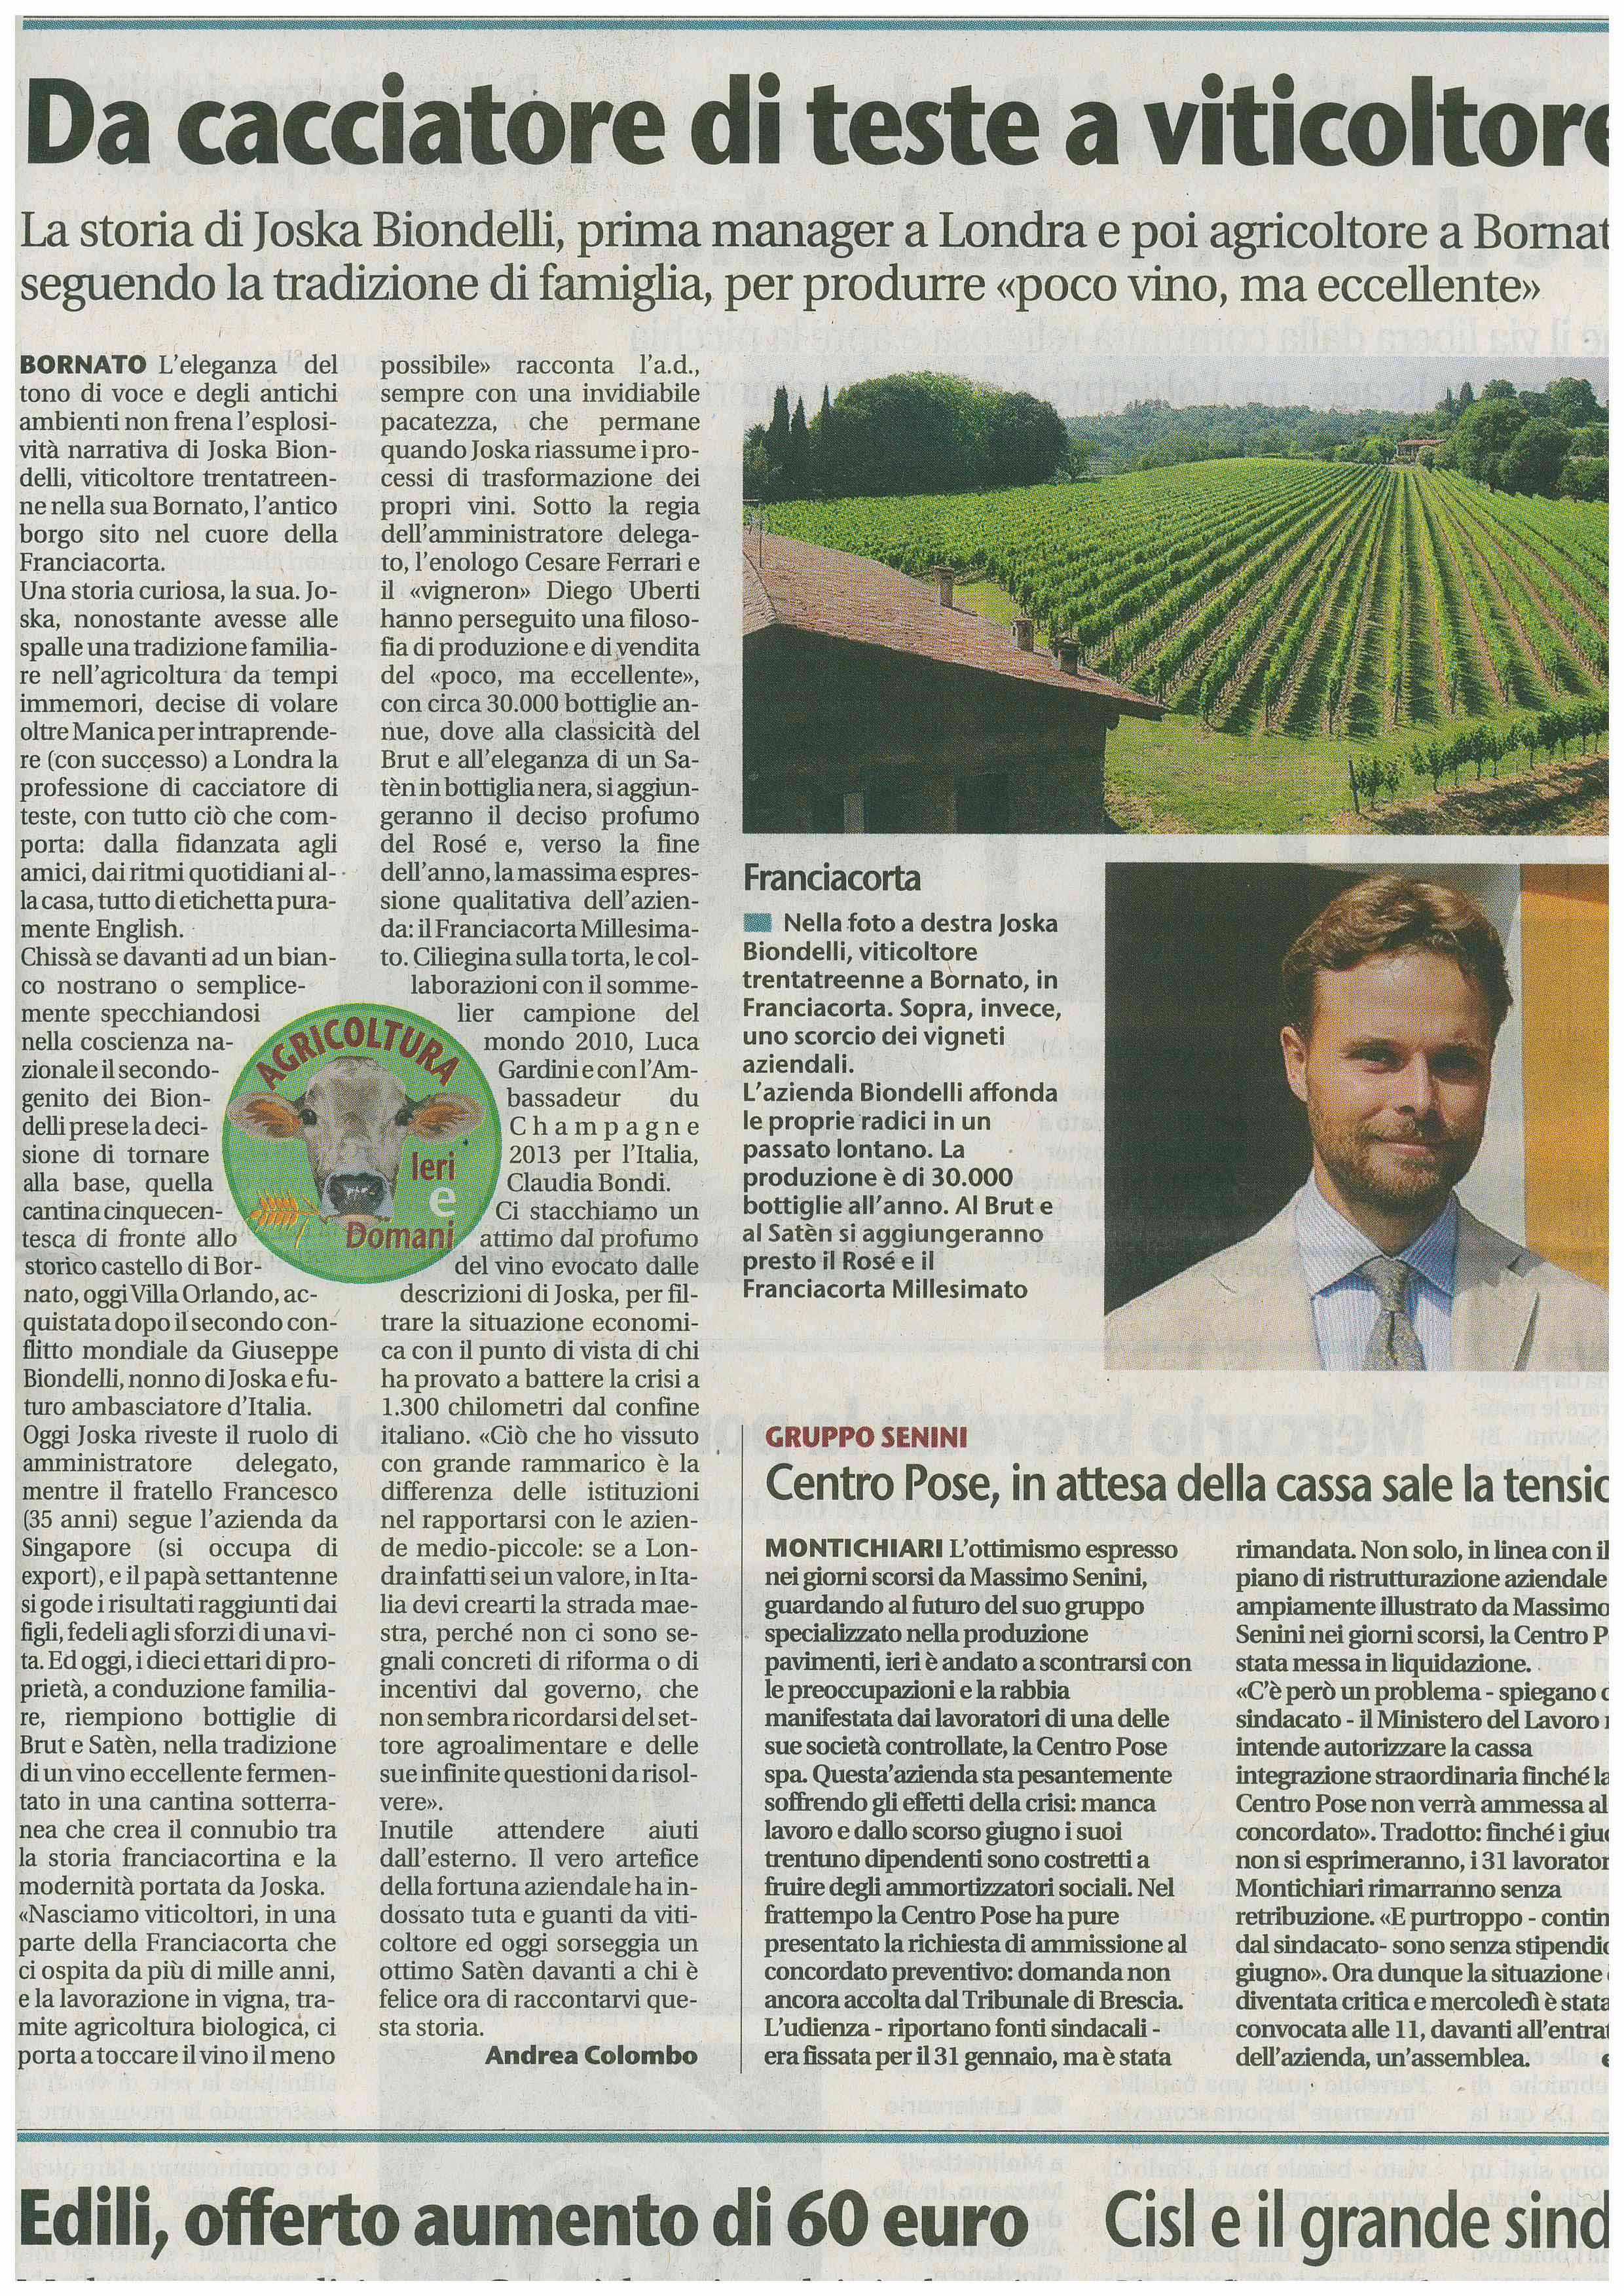 Giornale di Brescia 2014.jpg